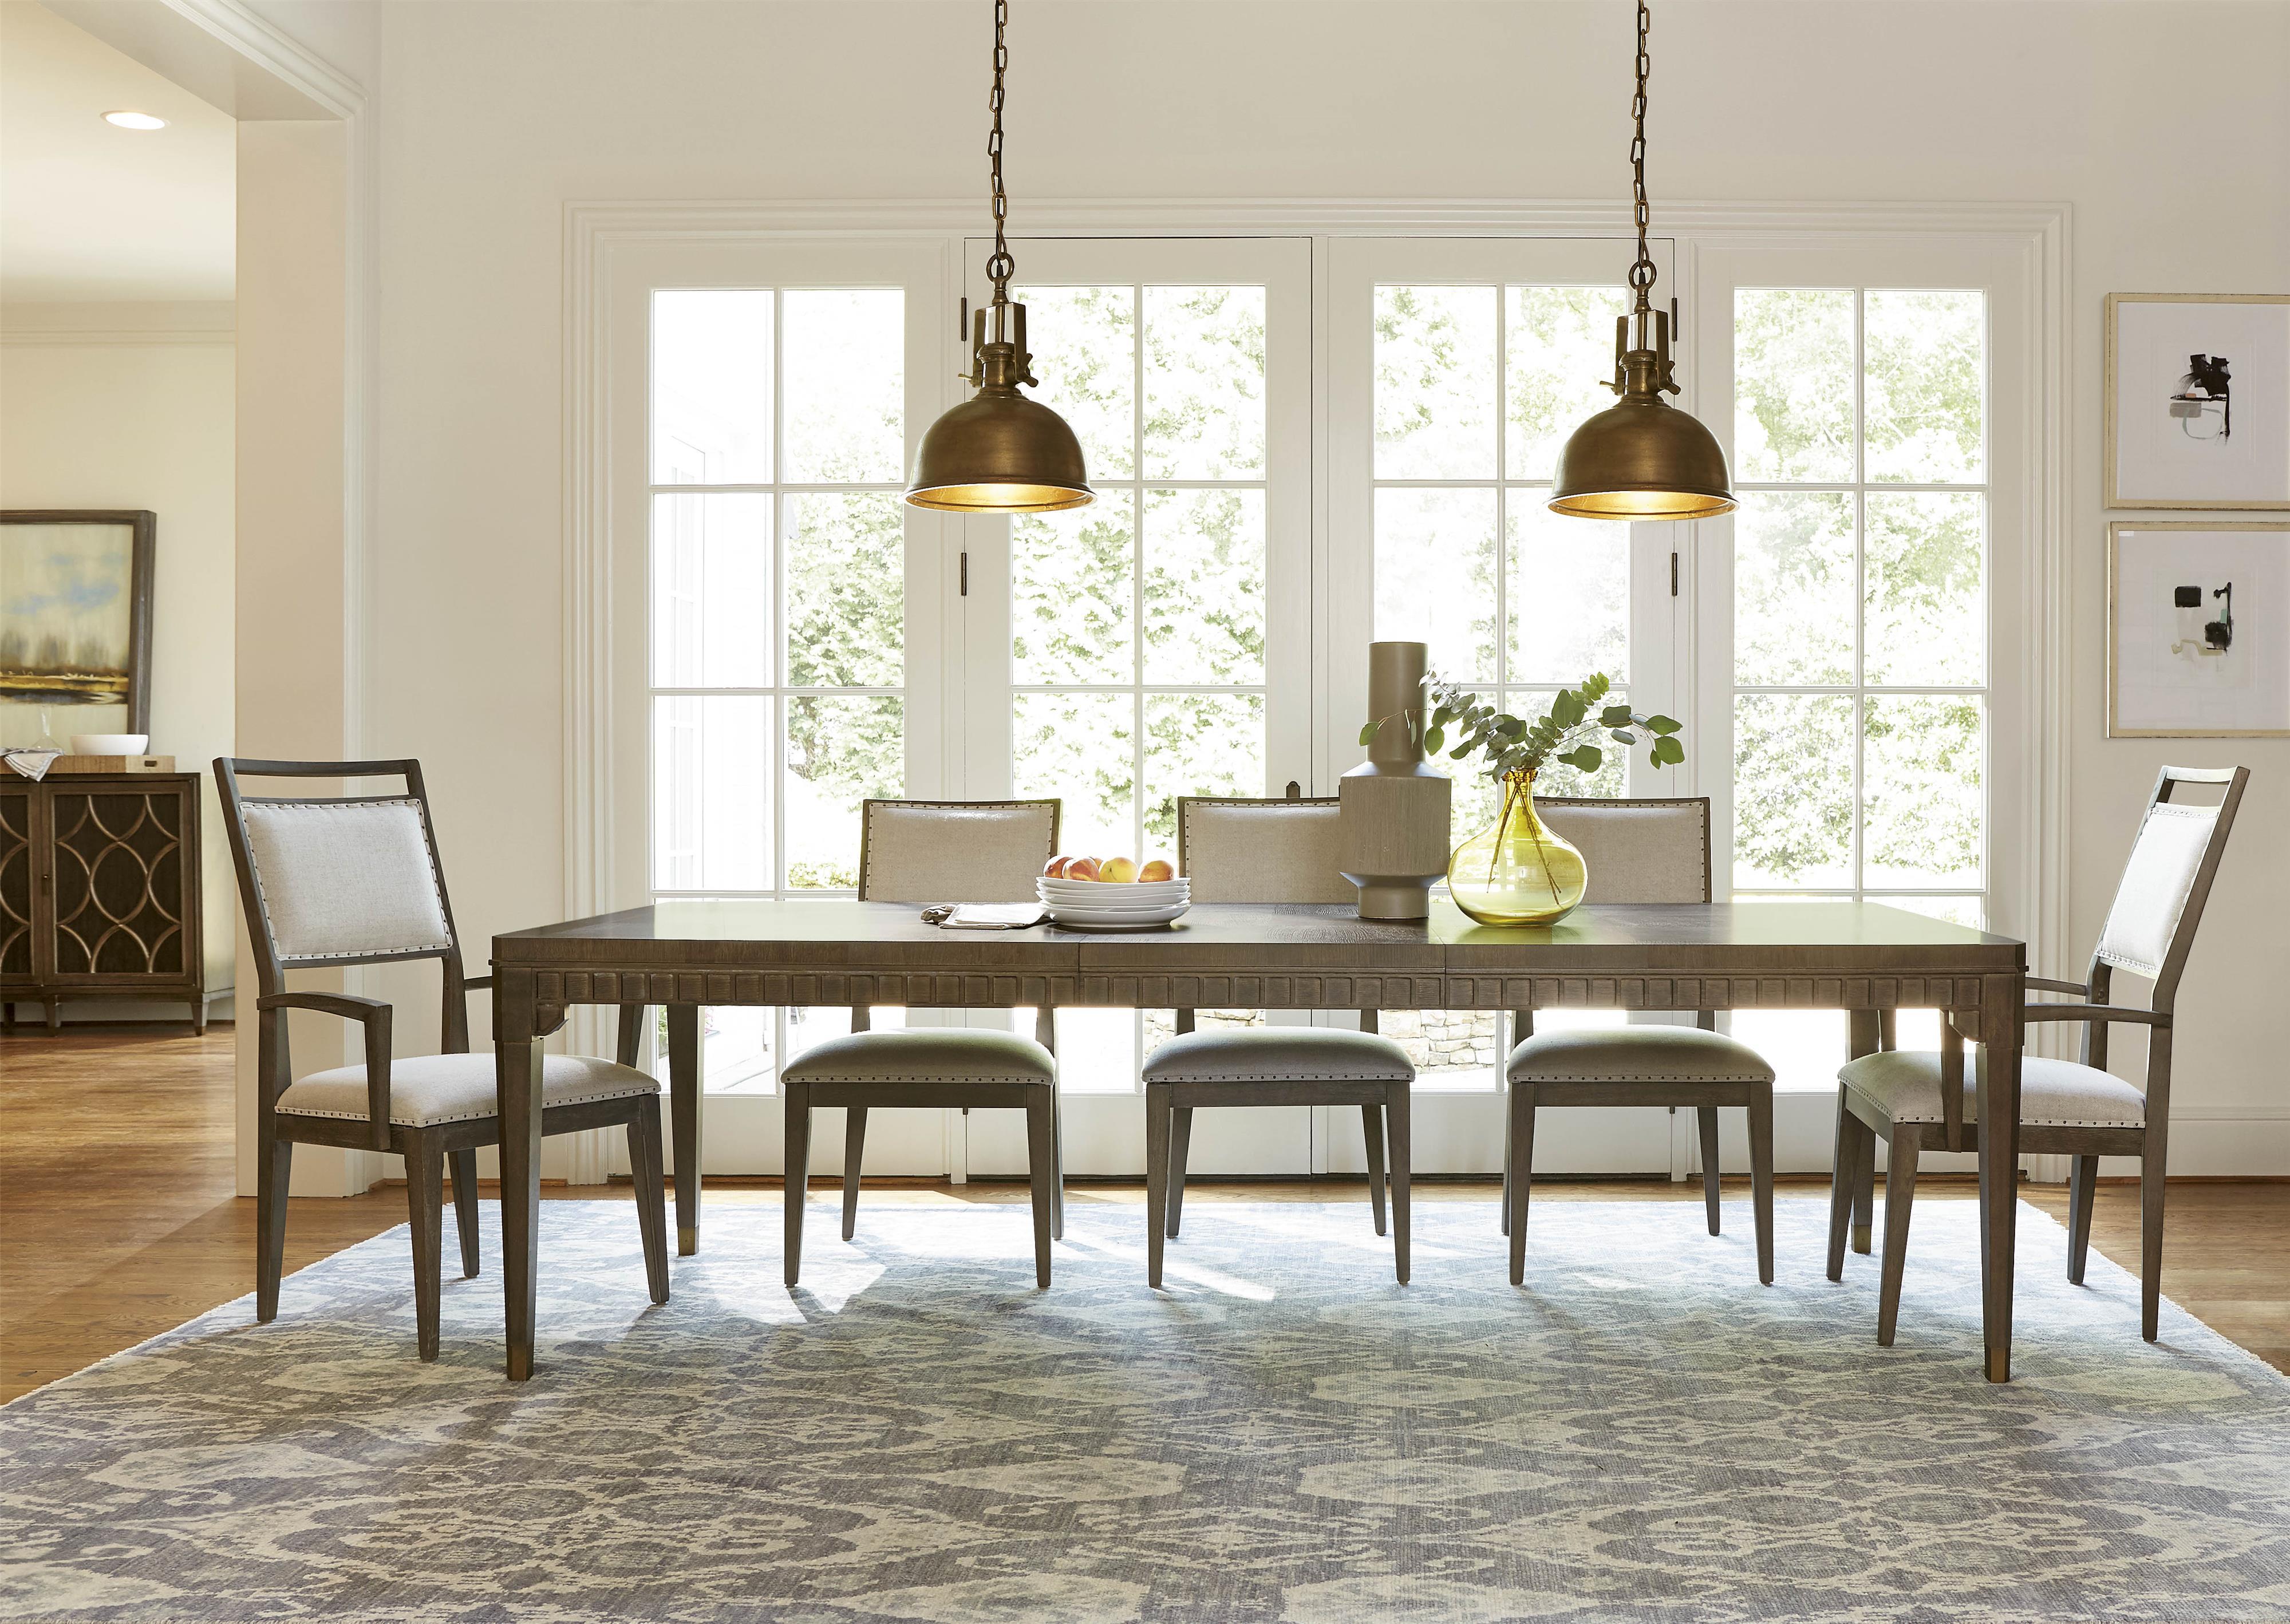 Morris Home Furnishings Platinum Platinum 5-Piece Dining Set - Item Number: 358152381